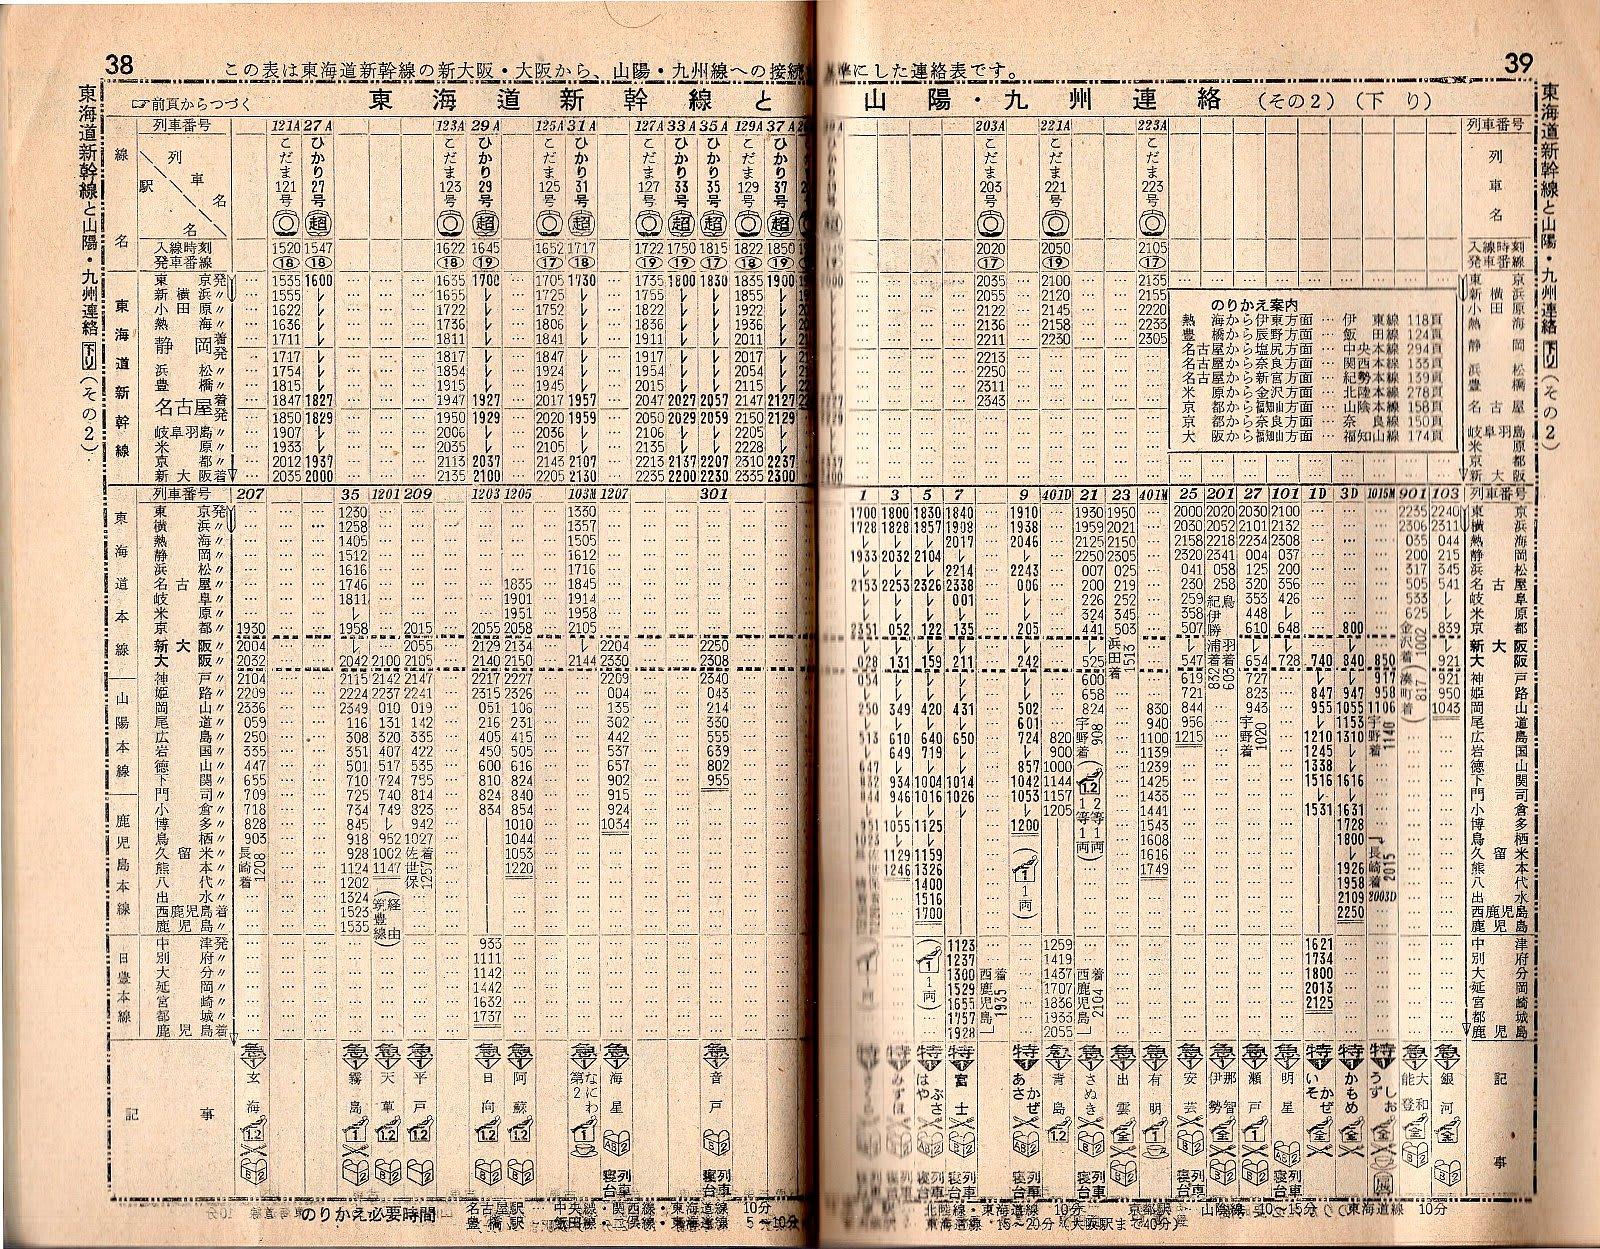 「寝台列車論」のブログ記事一覧-国鉄があった時代blog版